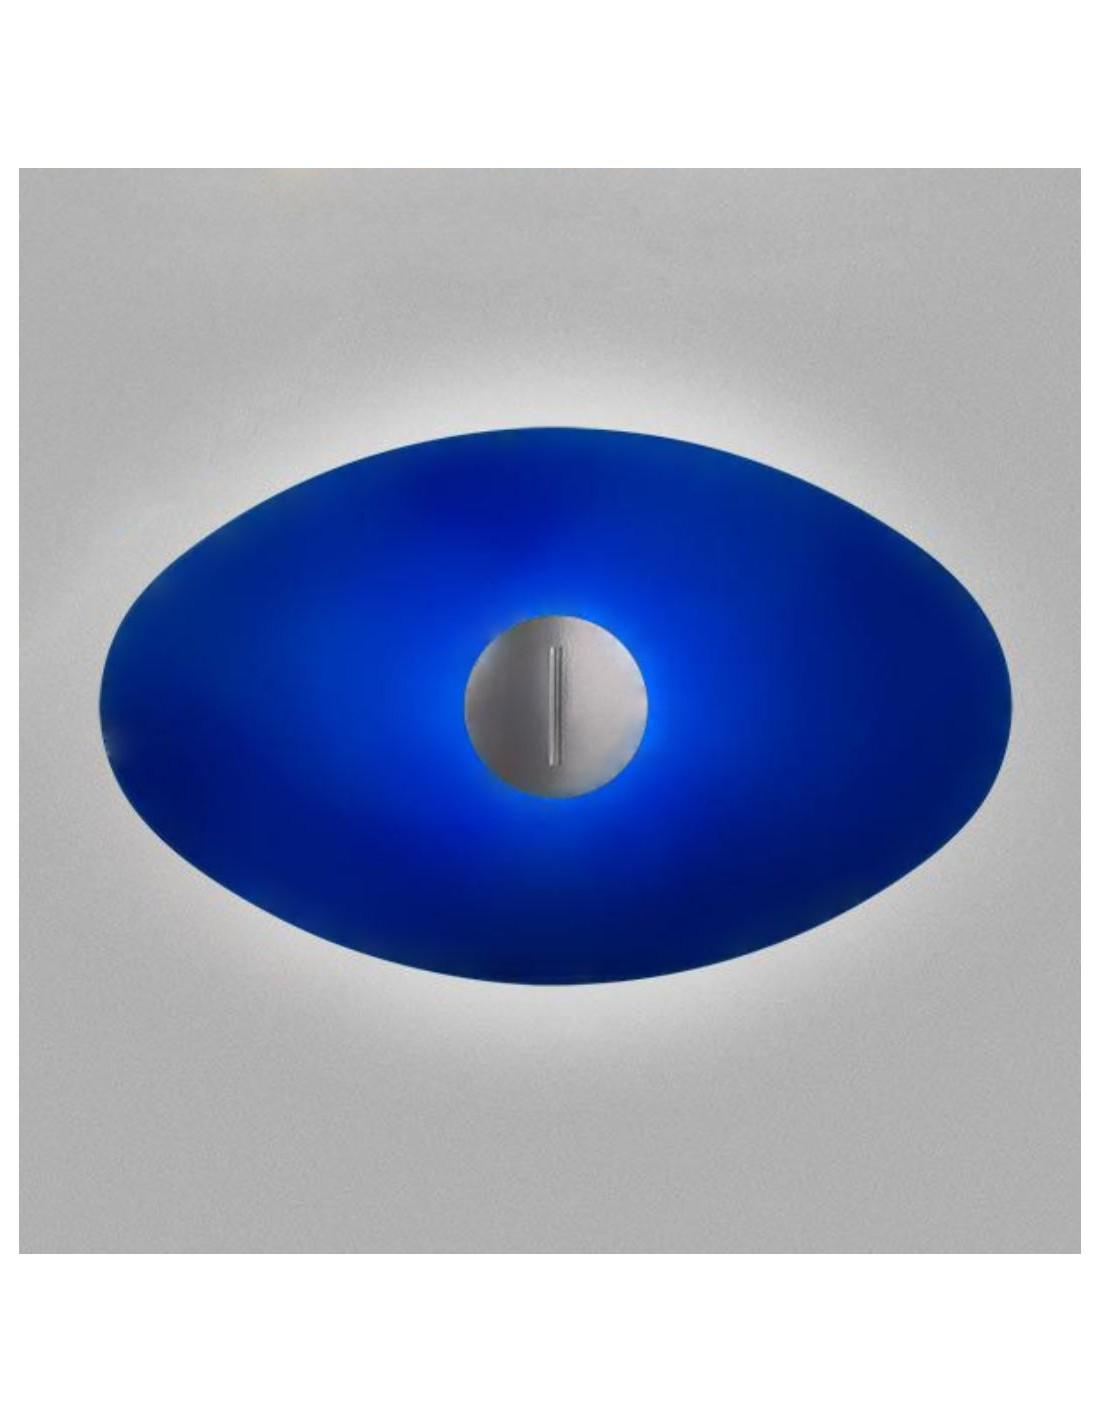 Applique murale bit 2 bleu de Ferruccio Laviani pour la marque Foscarini chez Valente Design